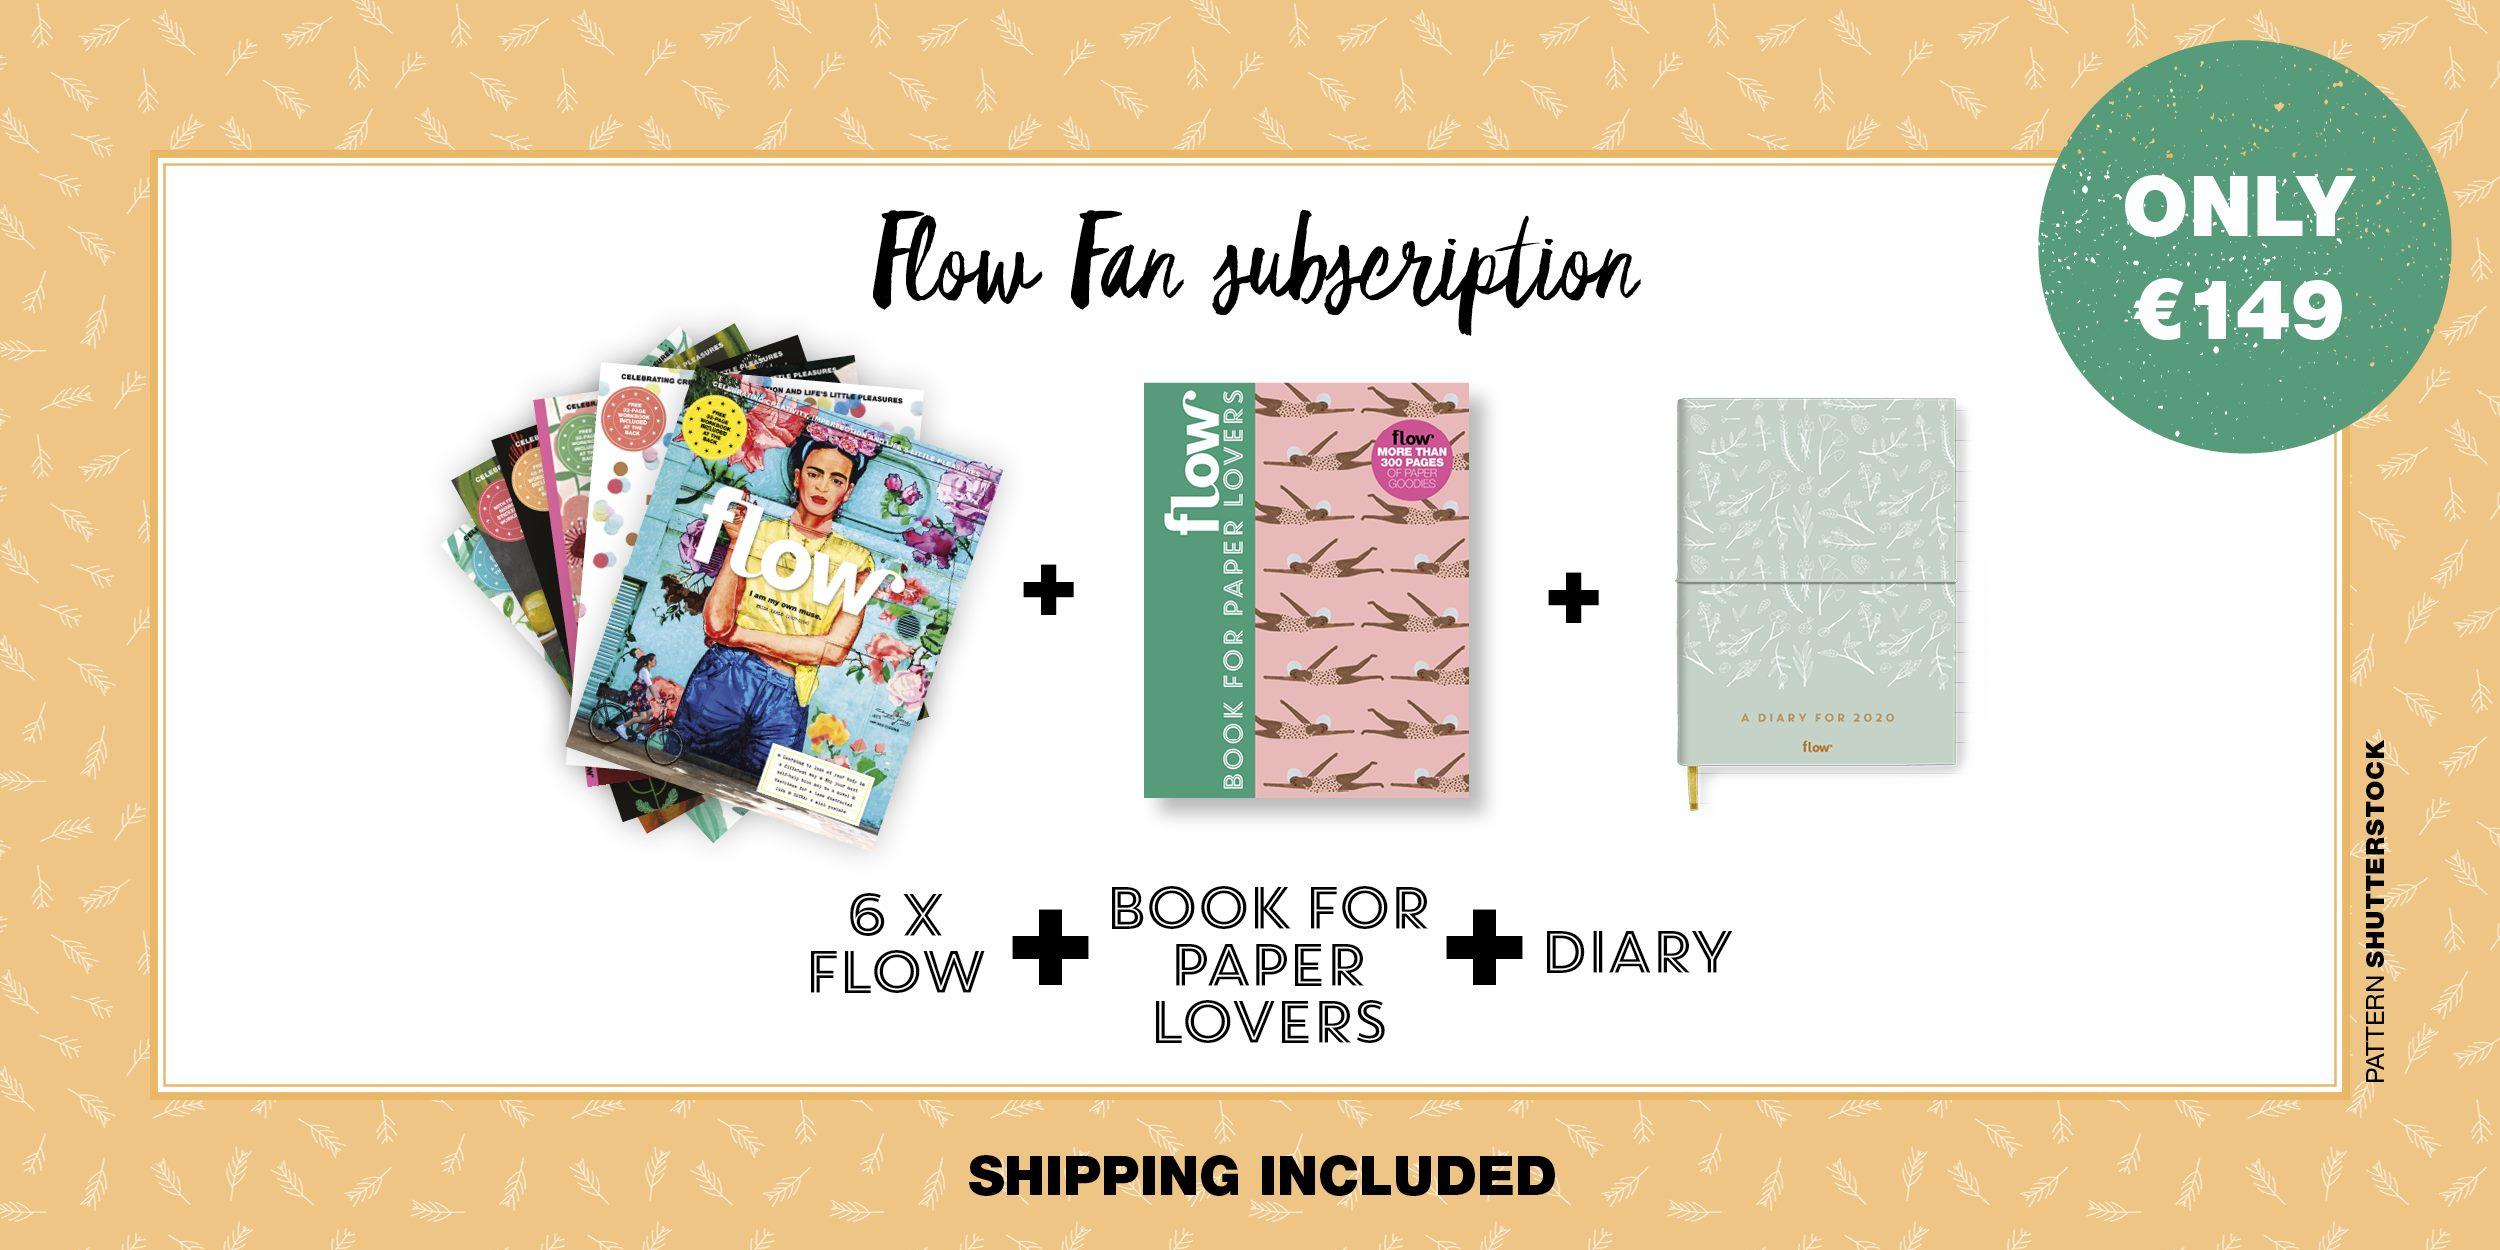 flow fan subscription